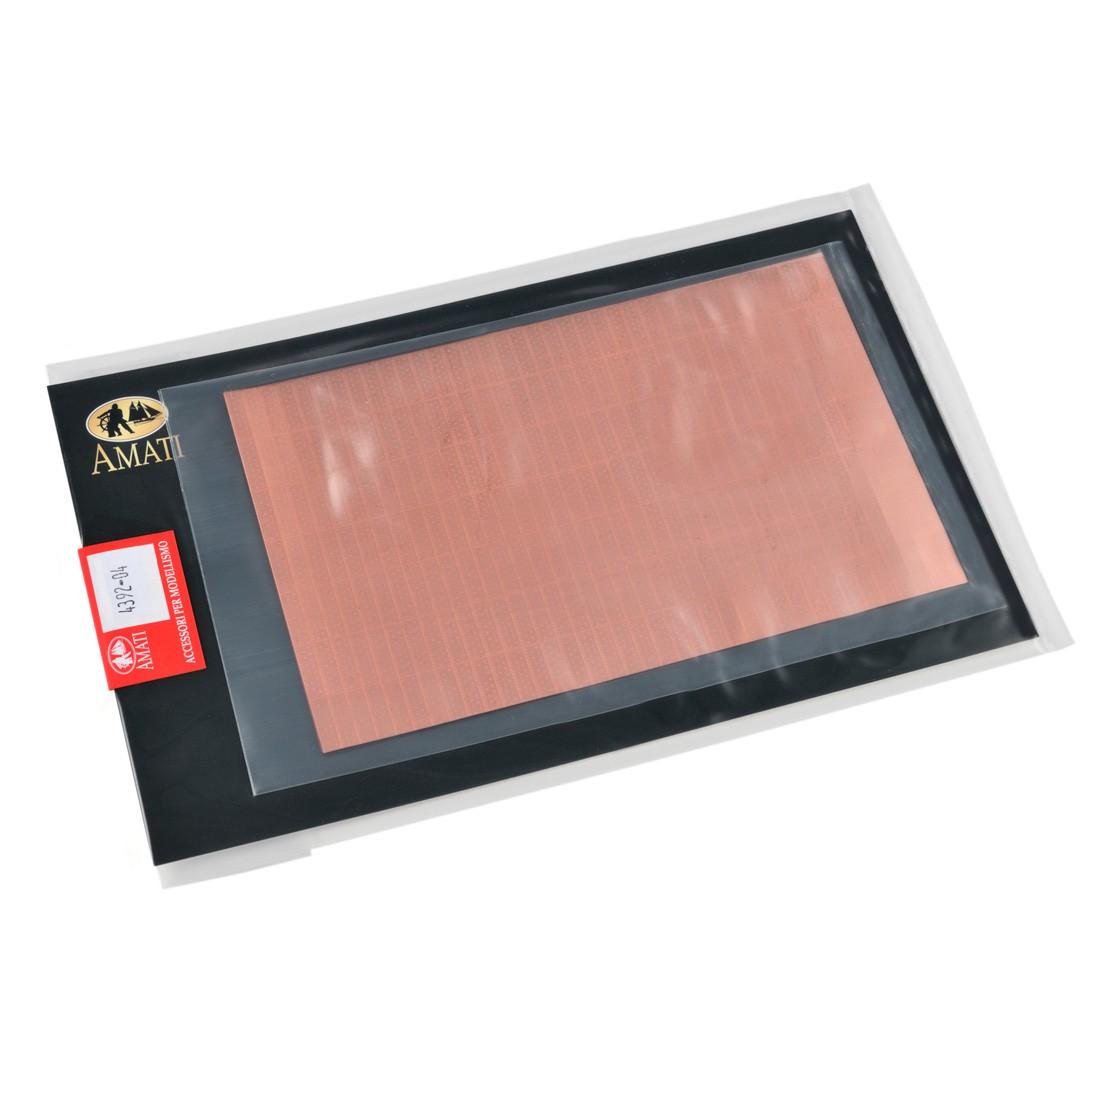 Placas de cobre mm.5x17 fotograbadas